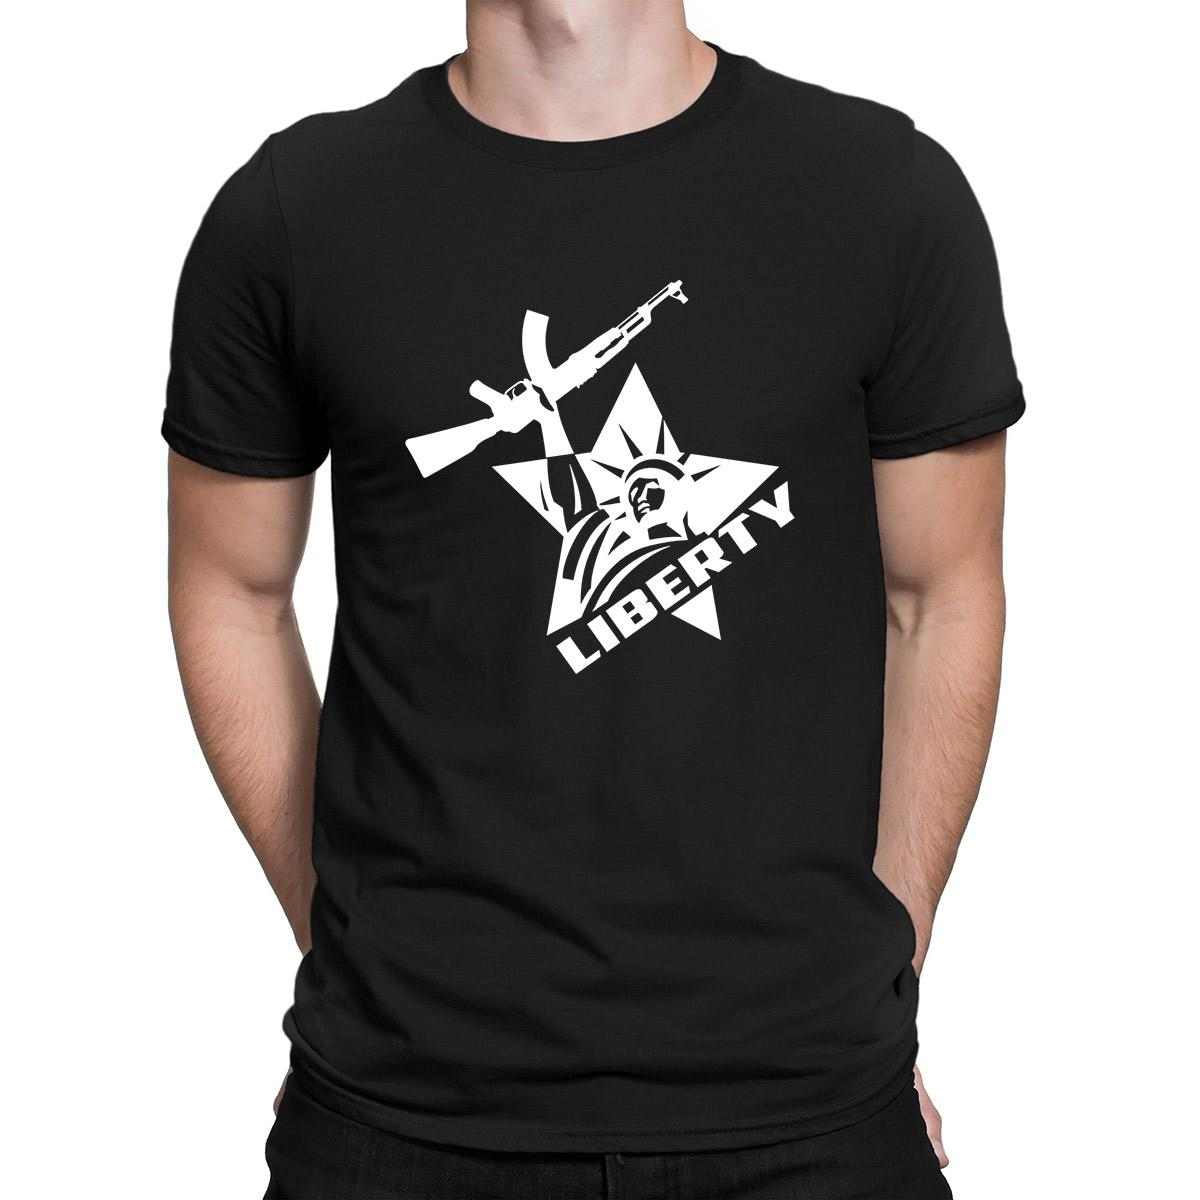 Statua della Libertà Ak 47 Stelle T-shirt di cotone Lettera Crea il Pazzo maglietta per gli uomini strani vestiti Sunlight New Fashion